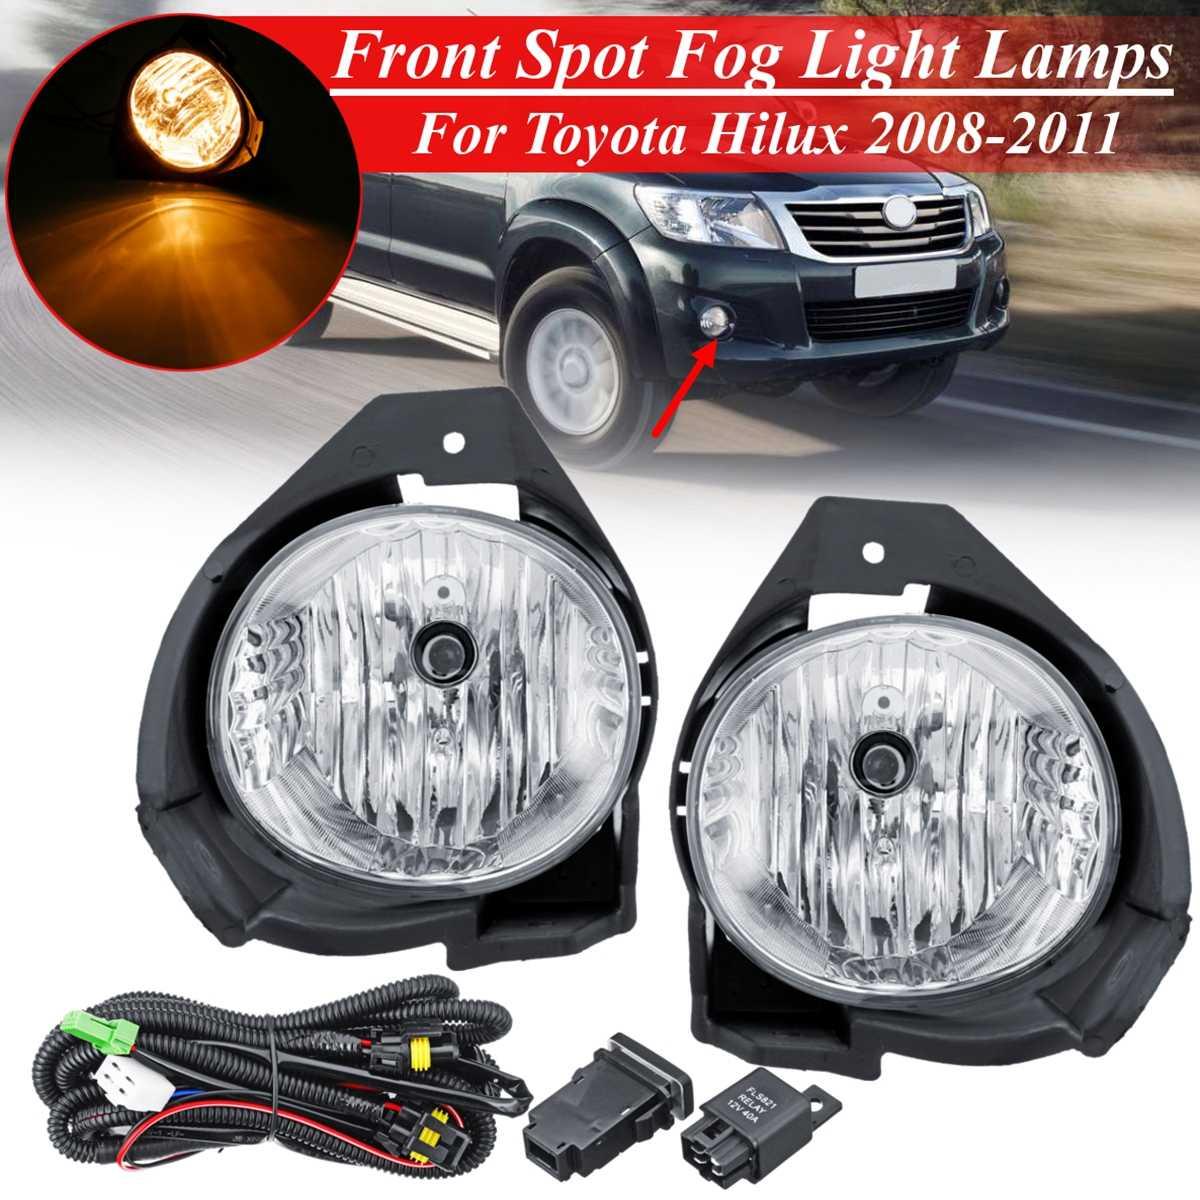 1 пара автомобиля В 12 В переднего бампера Туман свет лампы Комплект с жгут переключатель для Toyota Hilux 2008 2011 2010 2009 Замена